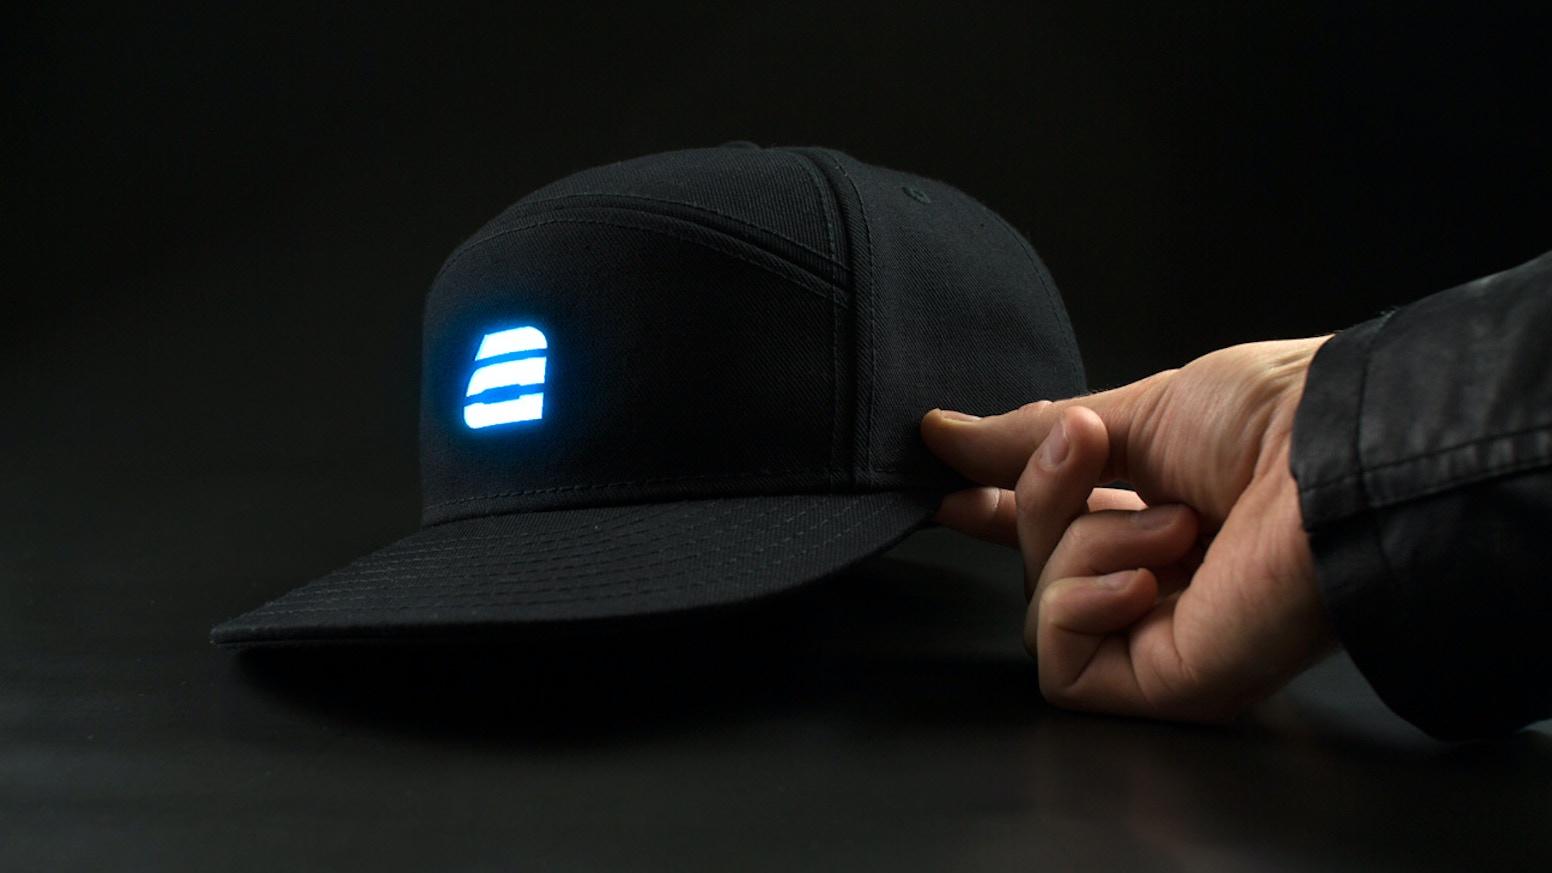 60304f8fd THE LUMATIV SNAPBACK HAT by LUMATIV » LUMATIV | E5 SNAPBACK ...